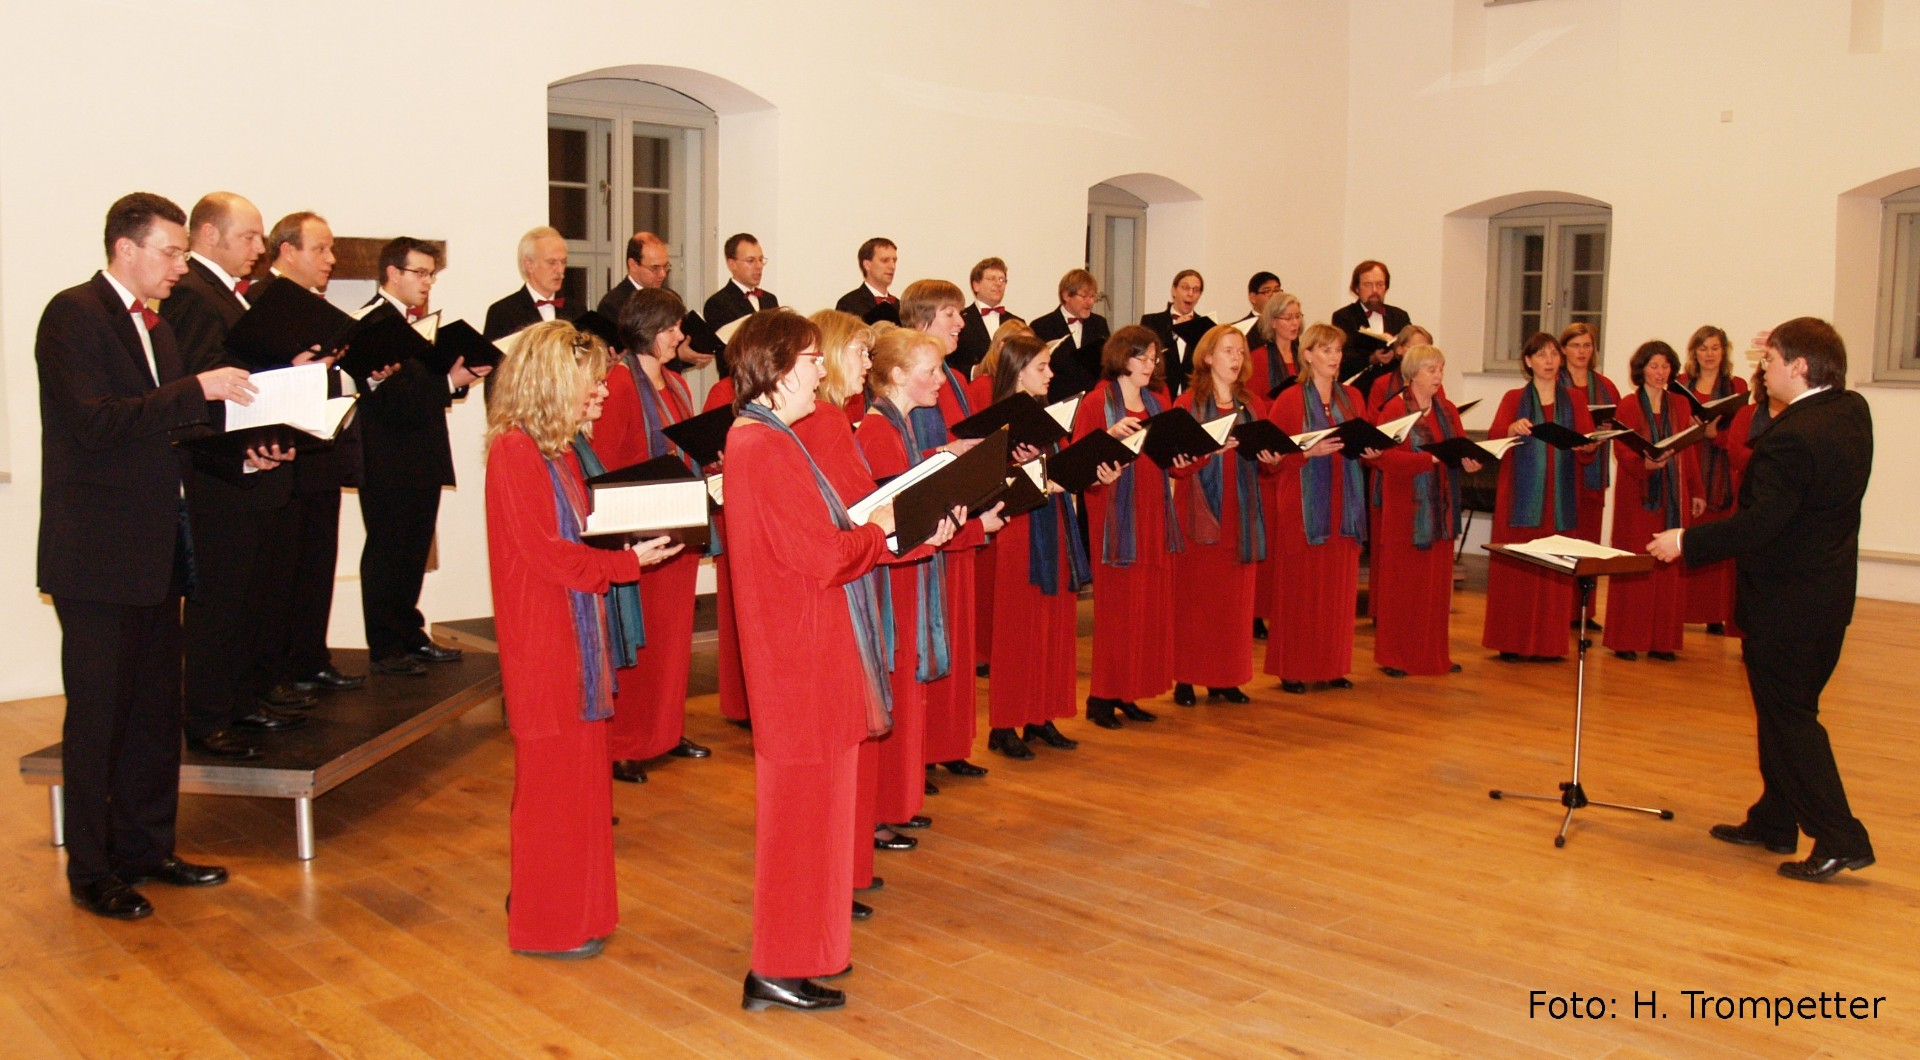 10-11-13-Bergedorfer-Kammerchor-MM-04